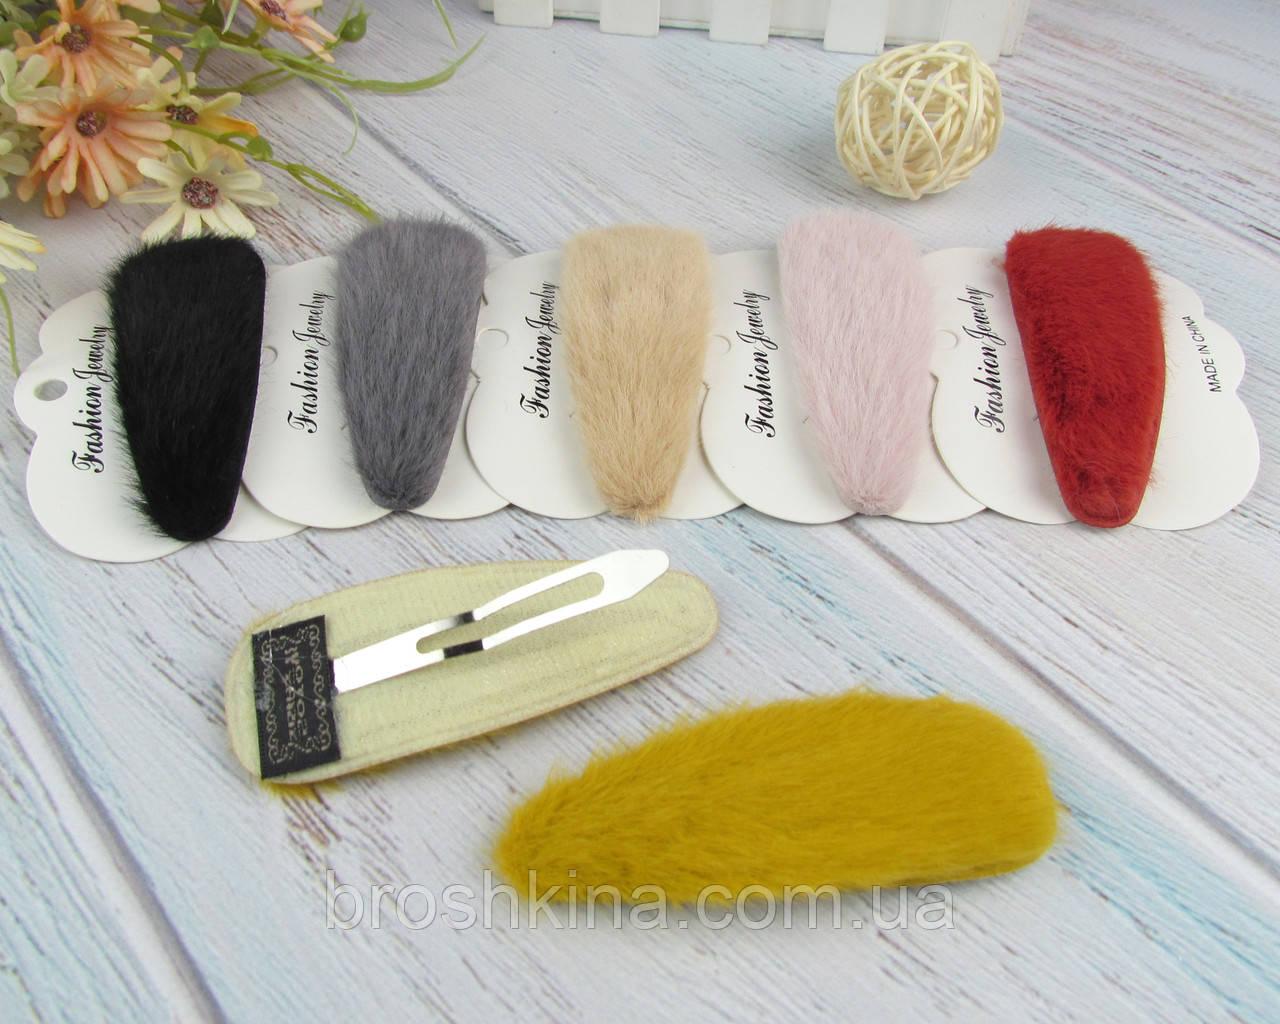 Шпильки для волосся тік-так 9*3 см метал з хутром 6 шт/уп.